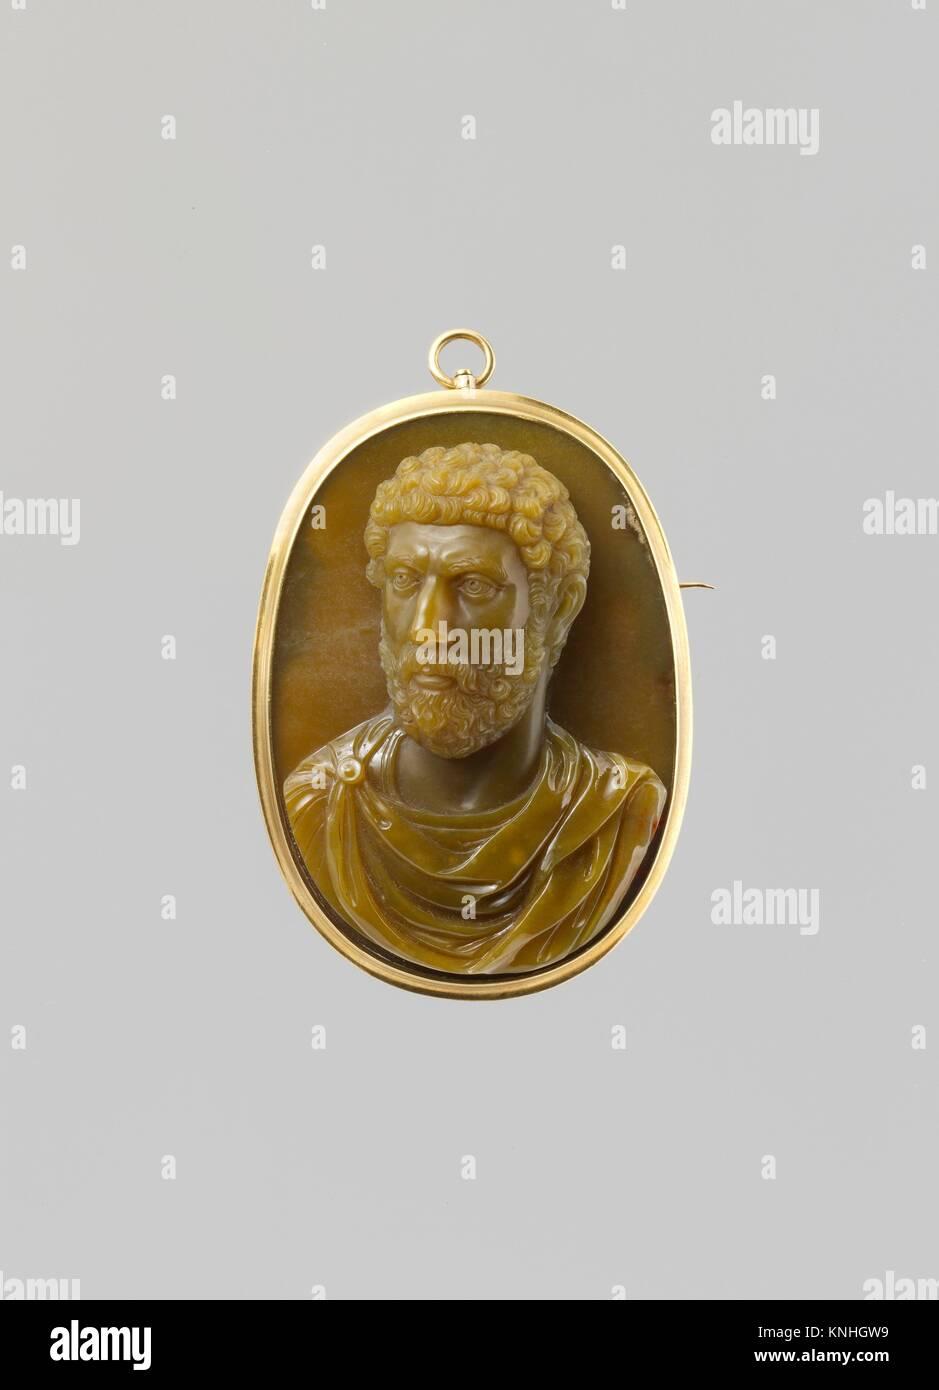 Busto di un romano. Data: probabilmente il XVII secolo; Cultura: Italiano; medie: Cryptocrystalline quartz (probabilmente Immagini Stock